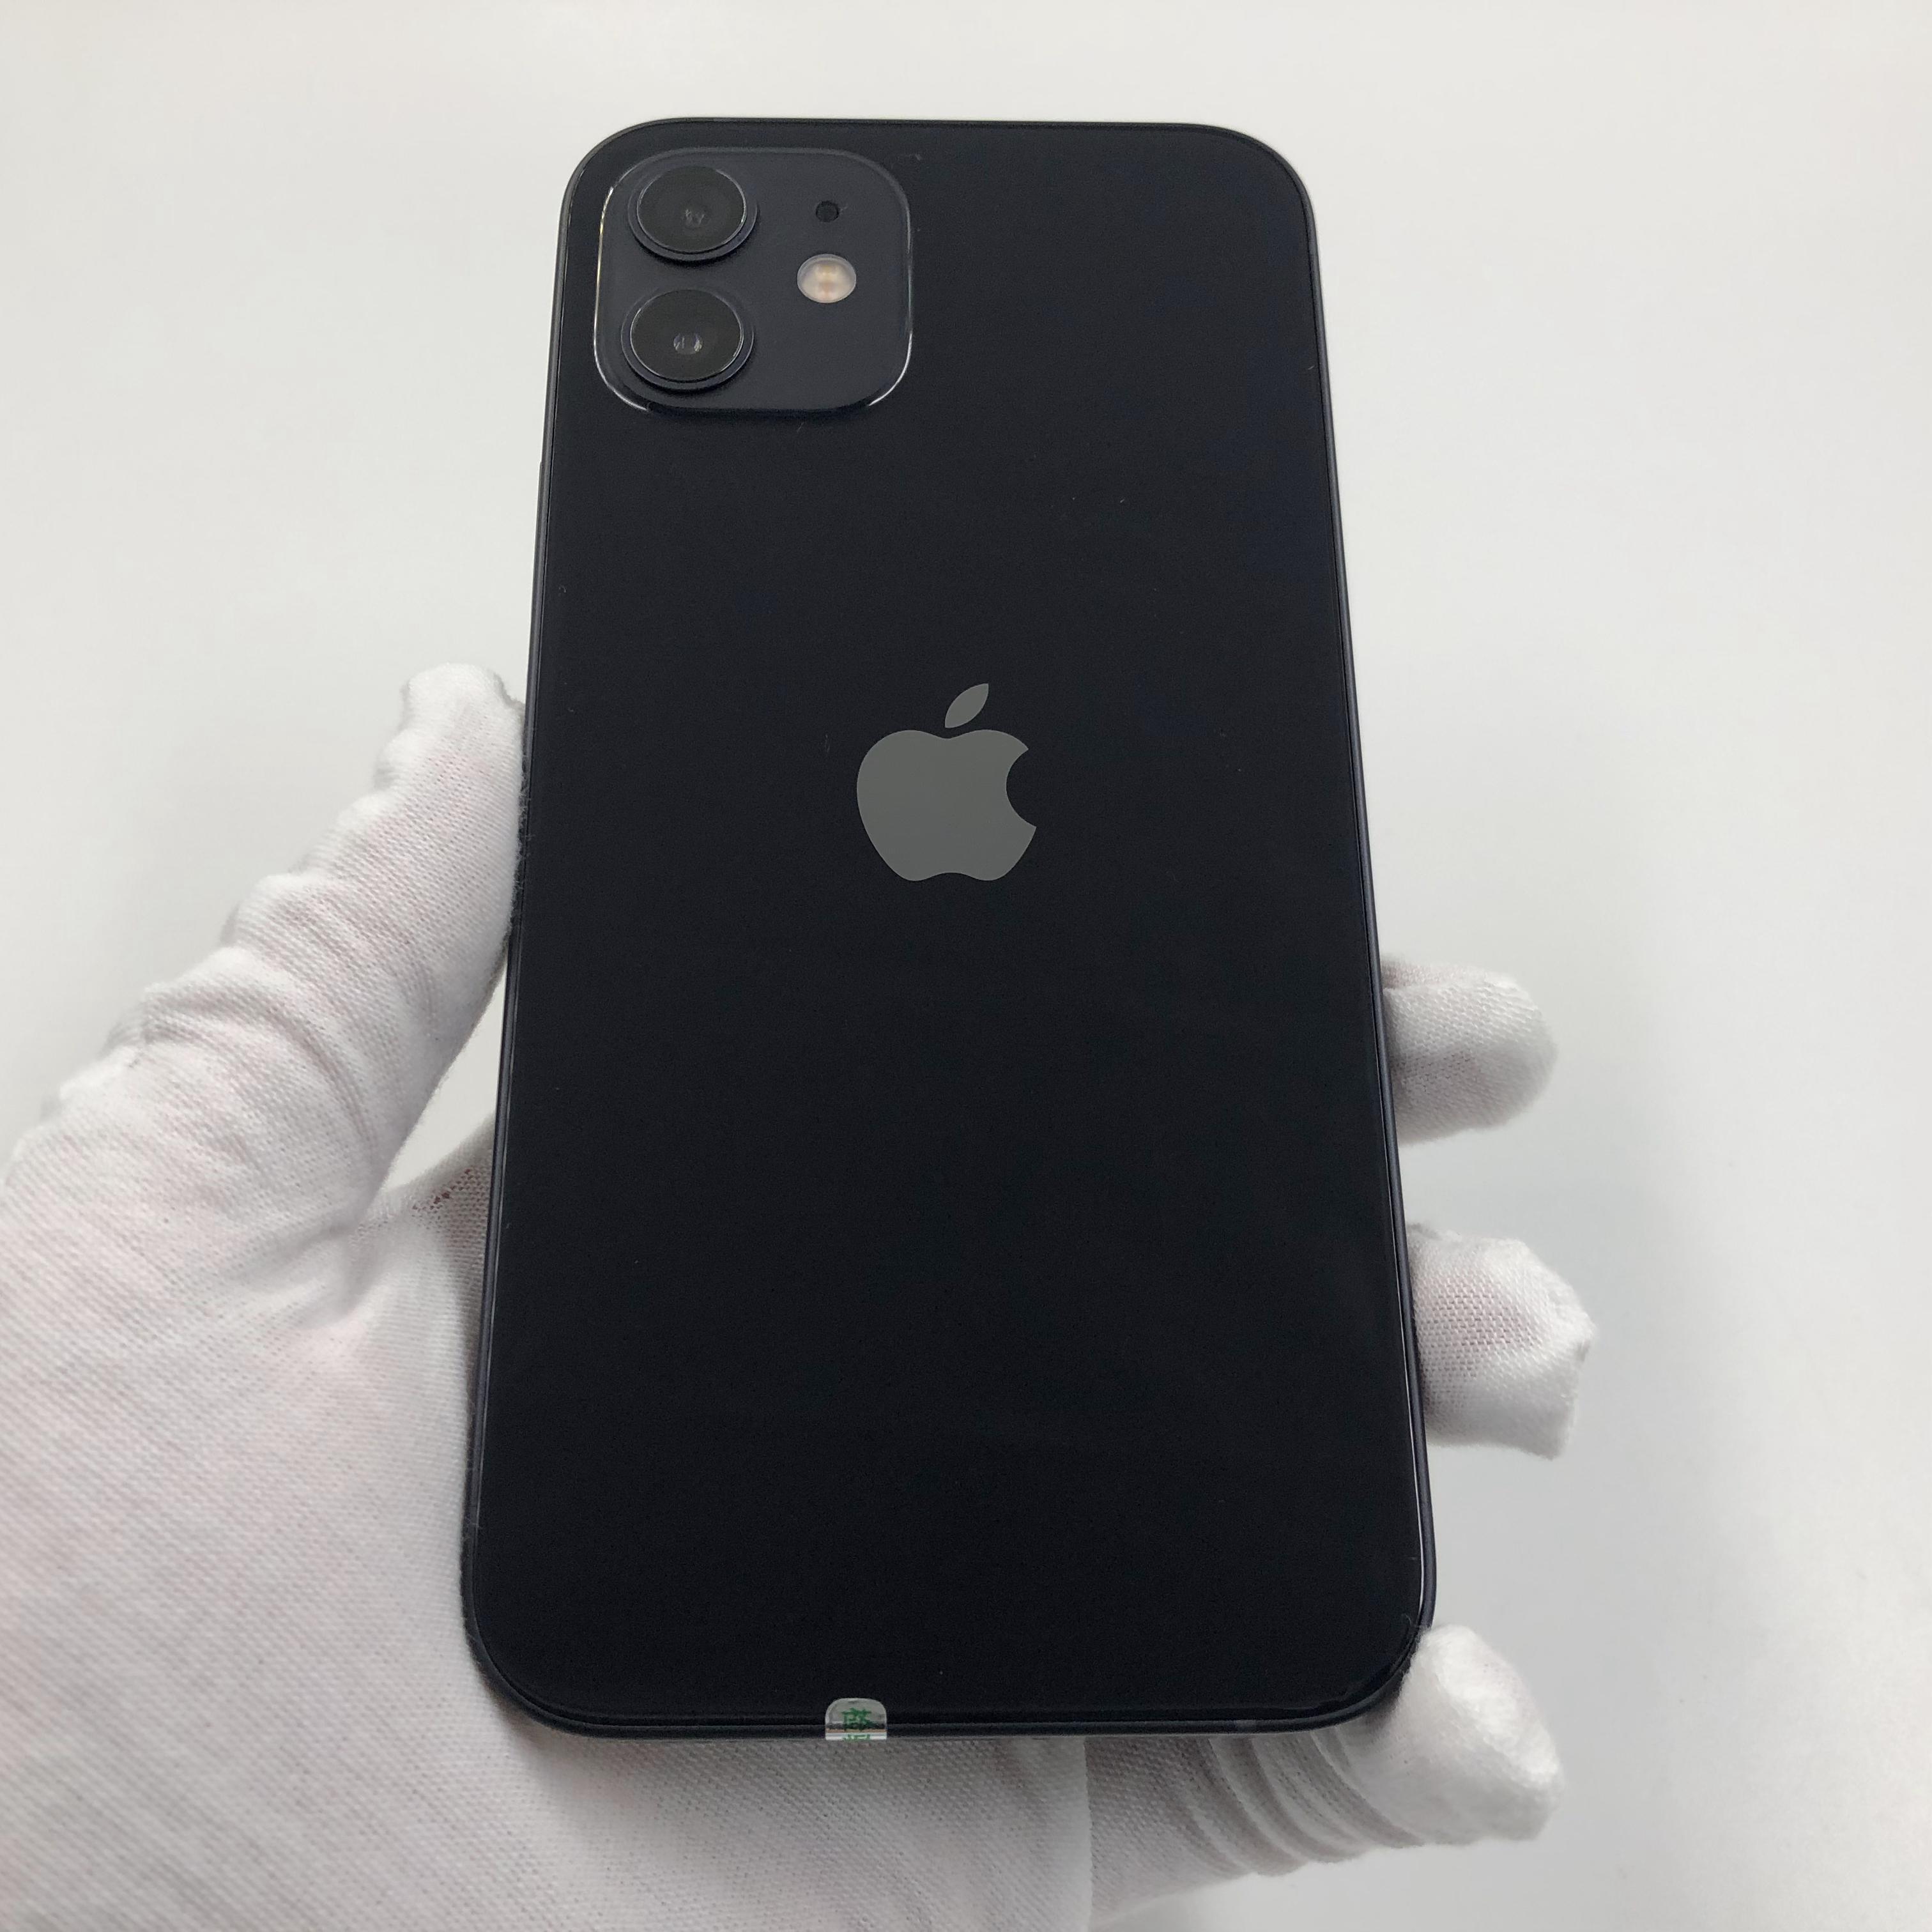 苹果【iPhone 12】5G全网通 黑色 128G 国行 95新 真机实拍官保2021-11-17